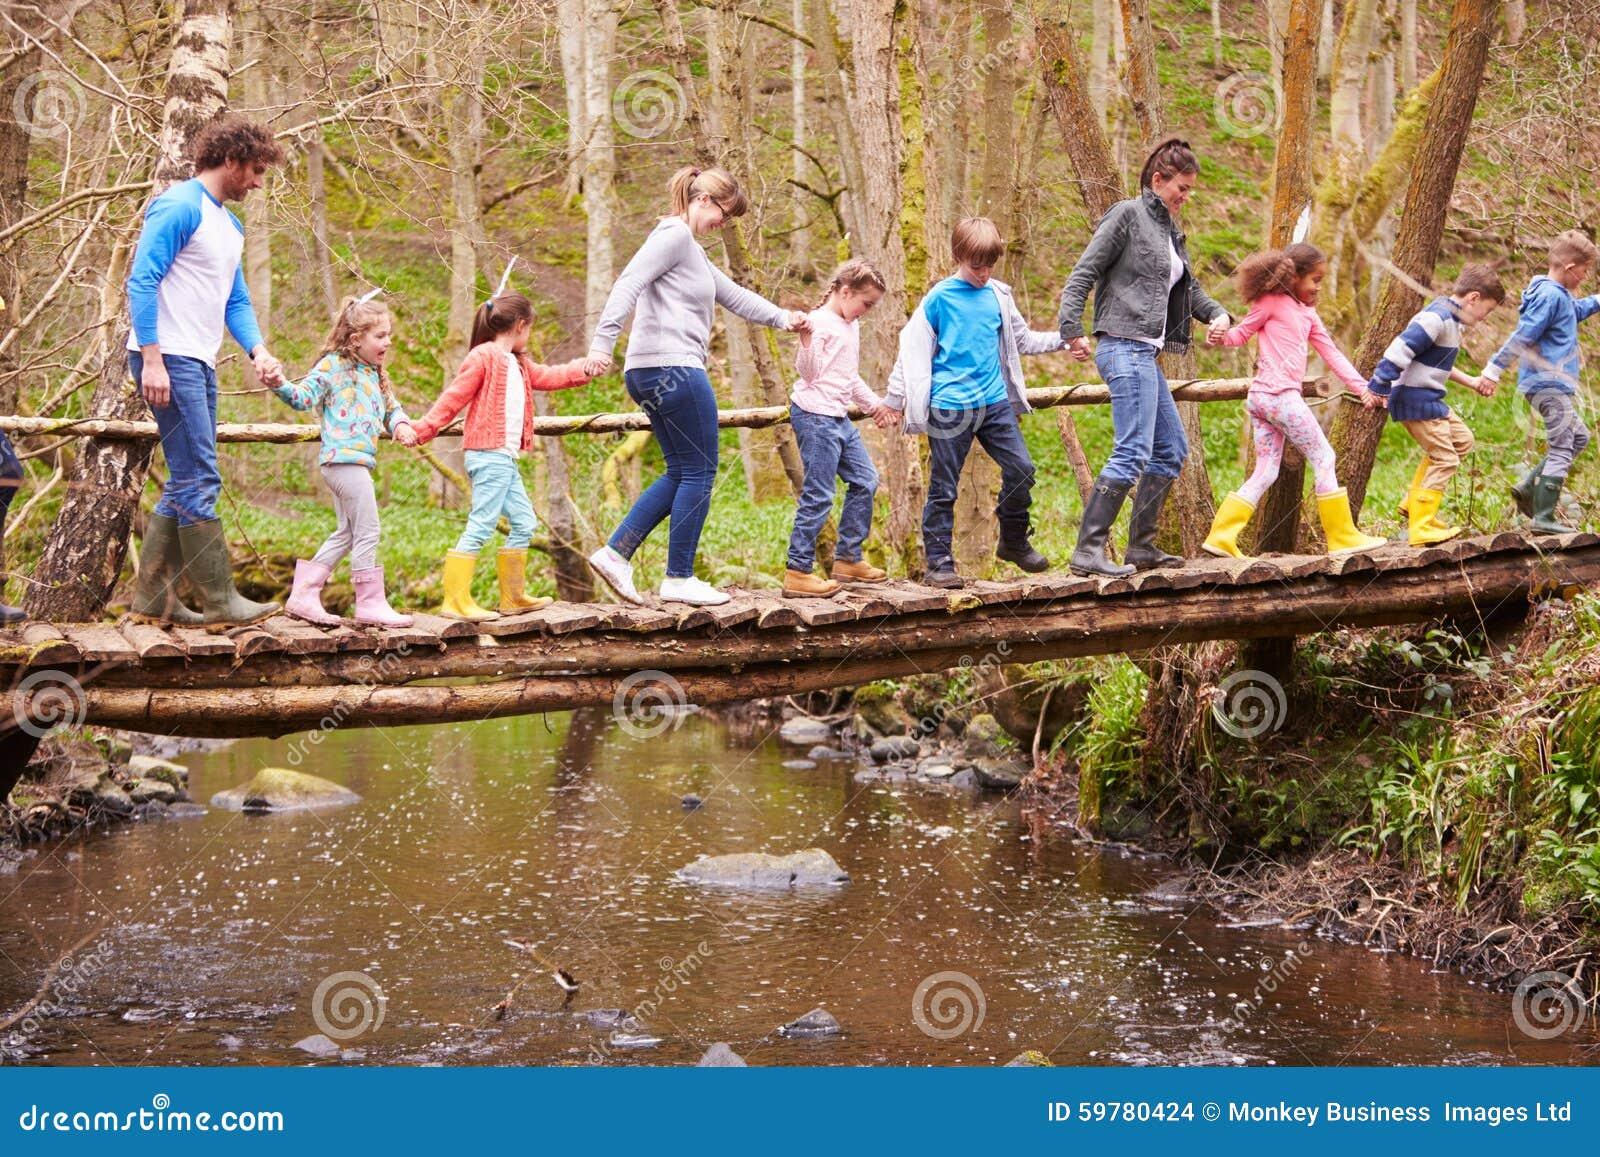 Οι ενήλικοι με τα παιδιά στη γέφυρα στην υπαίθρια δραστηριότητα στρέφονται